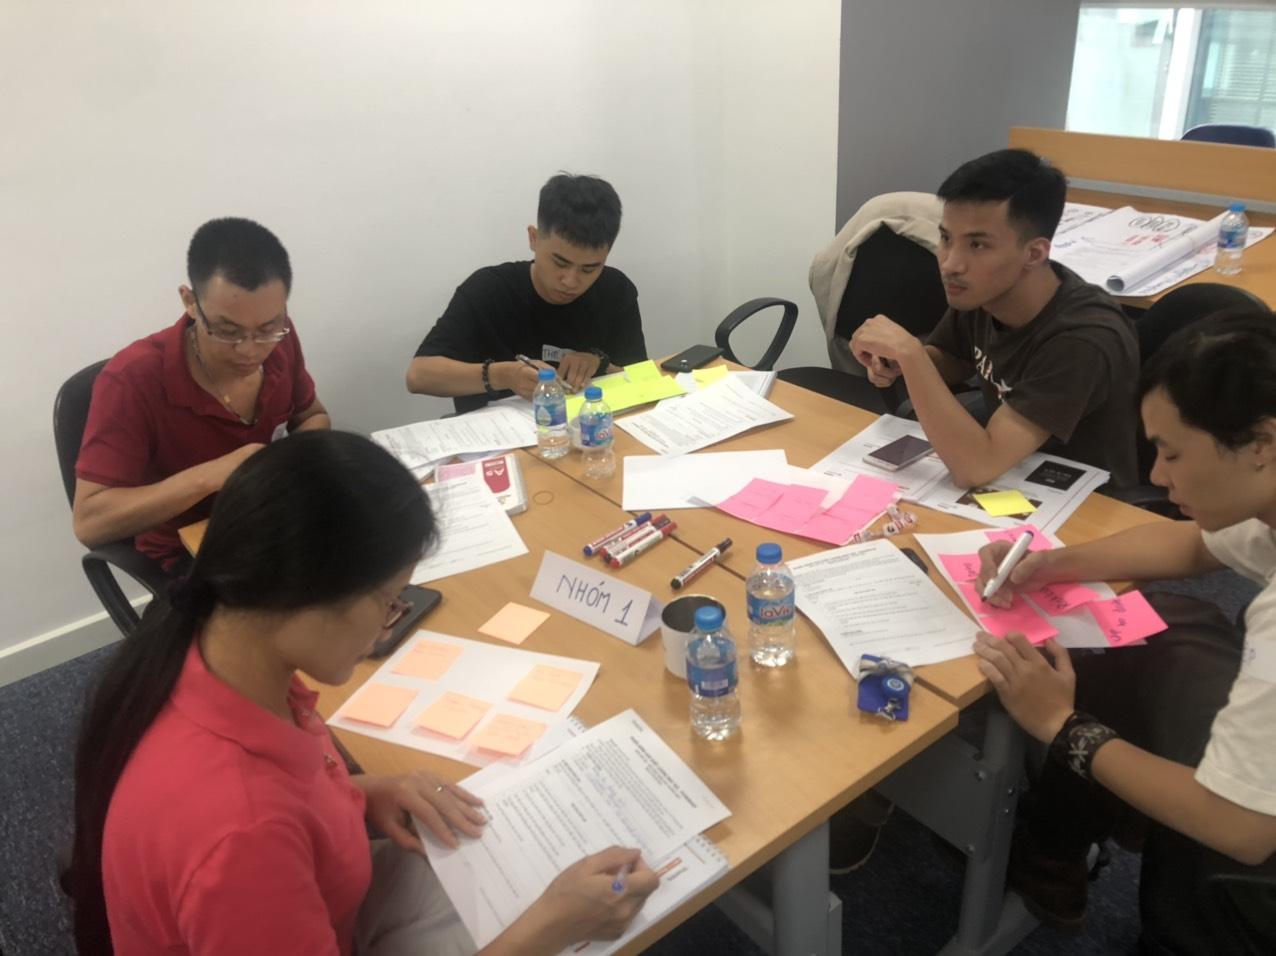 Các thành viên chia nhau task để làm rồi cùng thảo luận